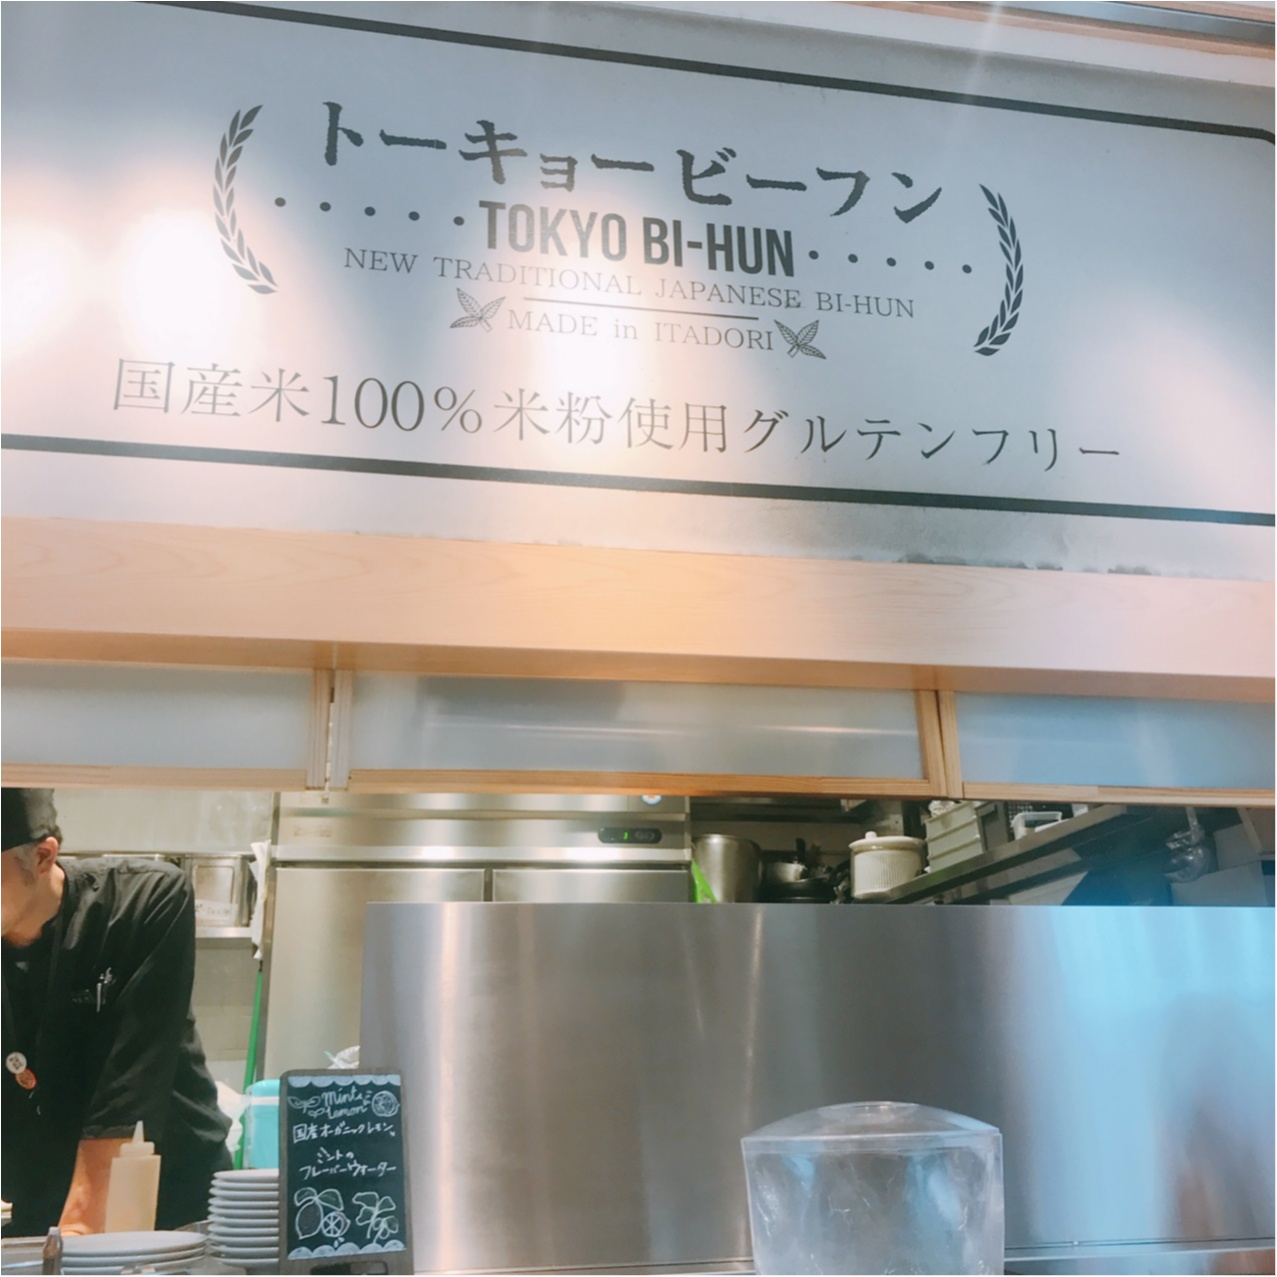 【銀座グルメ】ヘルシーで美味しい♡ビーフン専門店《トーキョービーフン》_1